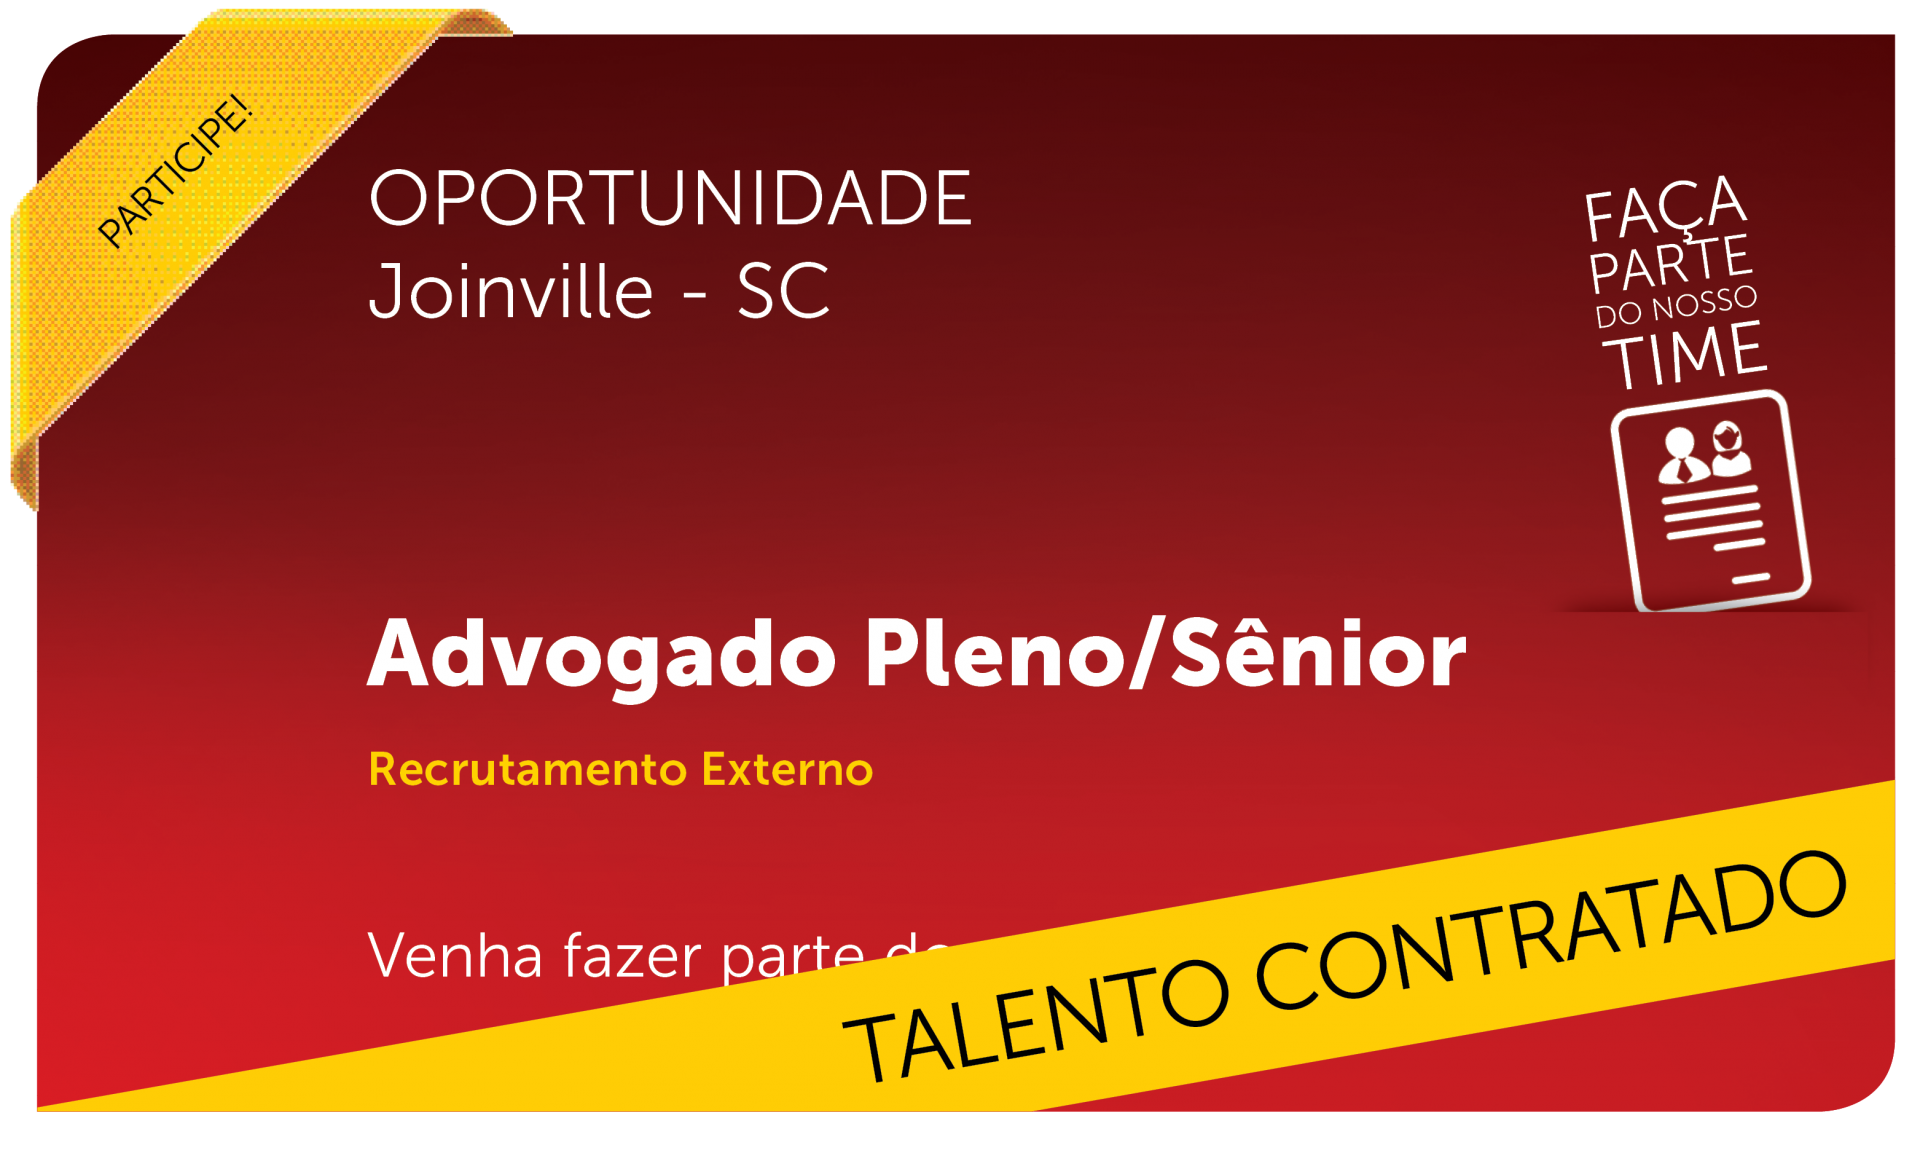 Advogado Pleno/Sênior | Joinville - SC